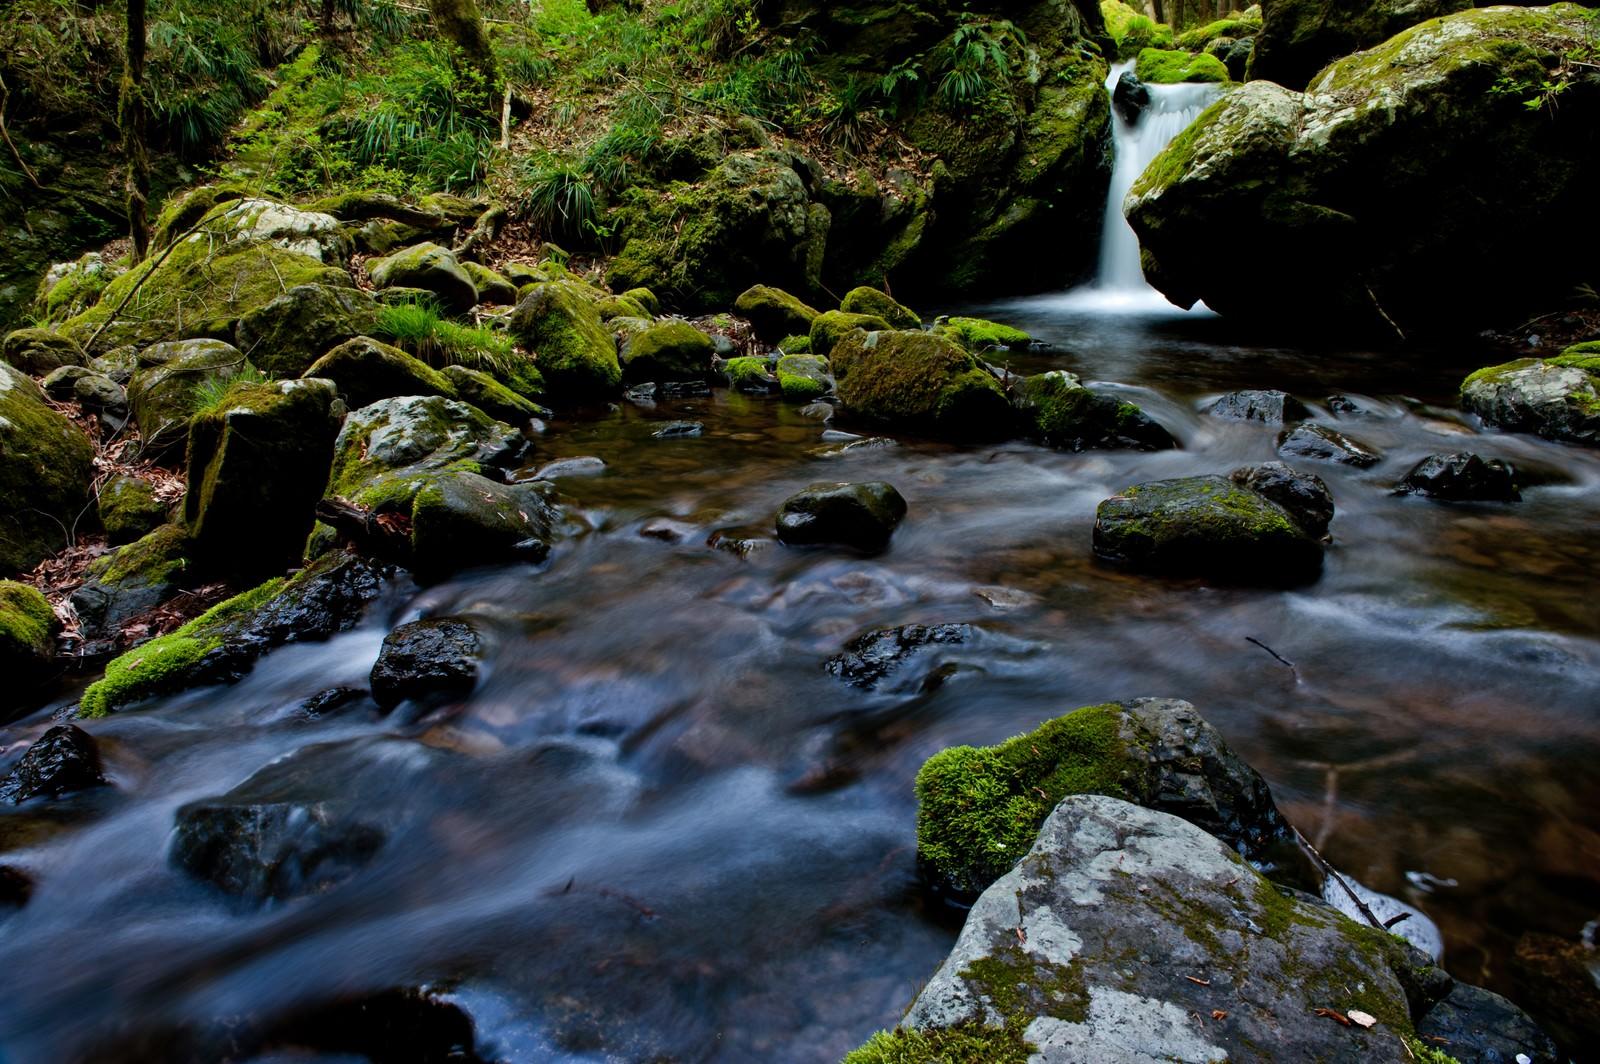 「奥多摩の海沢探勝路の渓谷」の写真